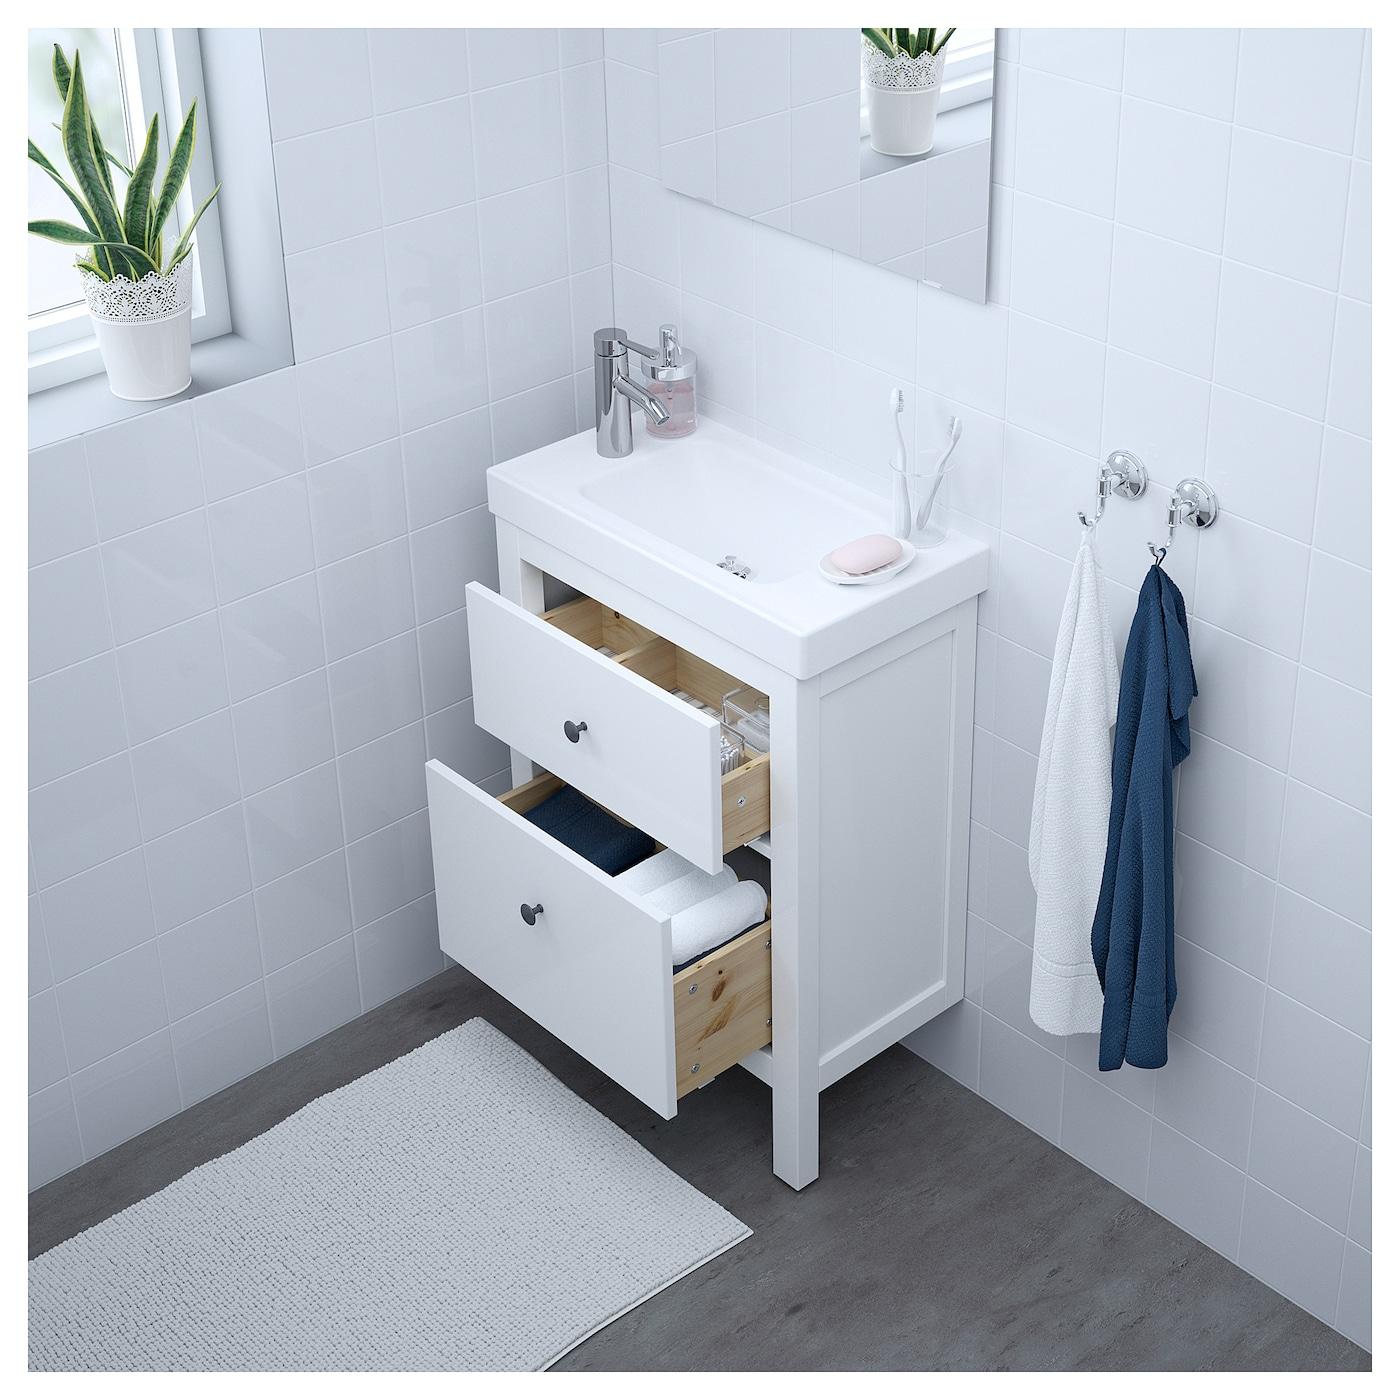 HEMNES/HAGAVIKEN Wash-stand with 2 drawers White 63 x 34 x 90 cm - IKEA